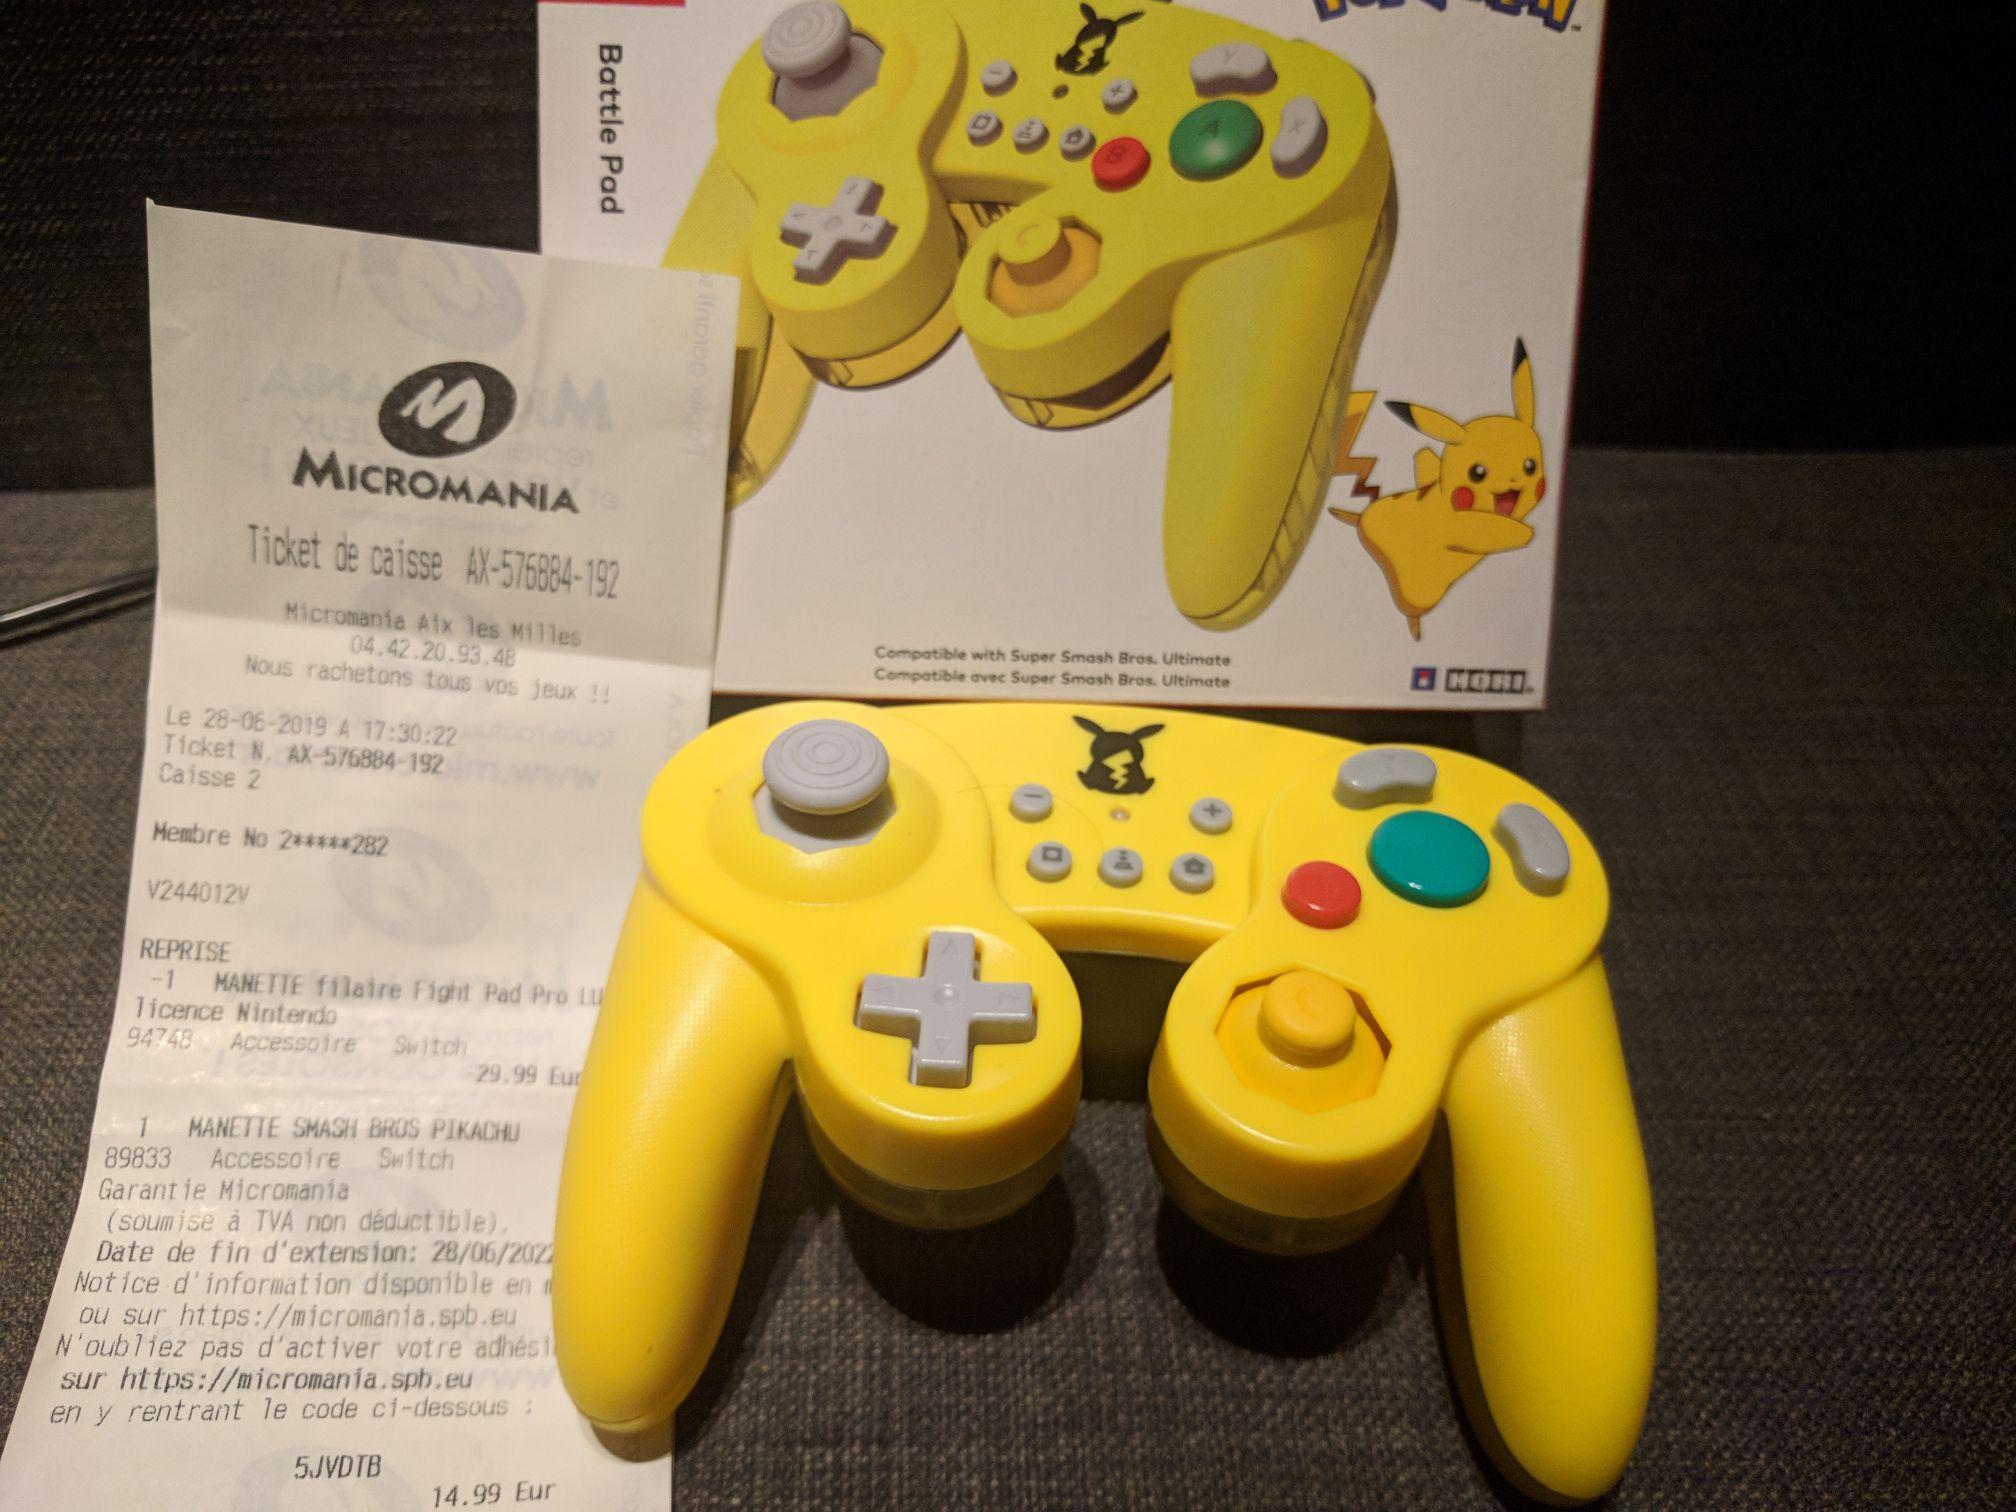 Manette filaire Hori Smash Bros Pikachu pour Nintendo Switch - Aix-les-Milles (13)